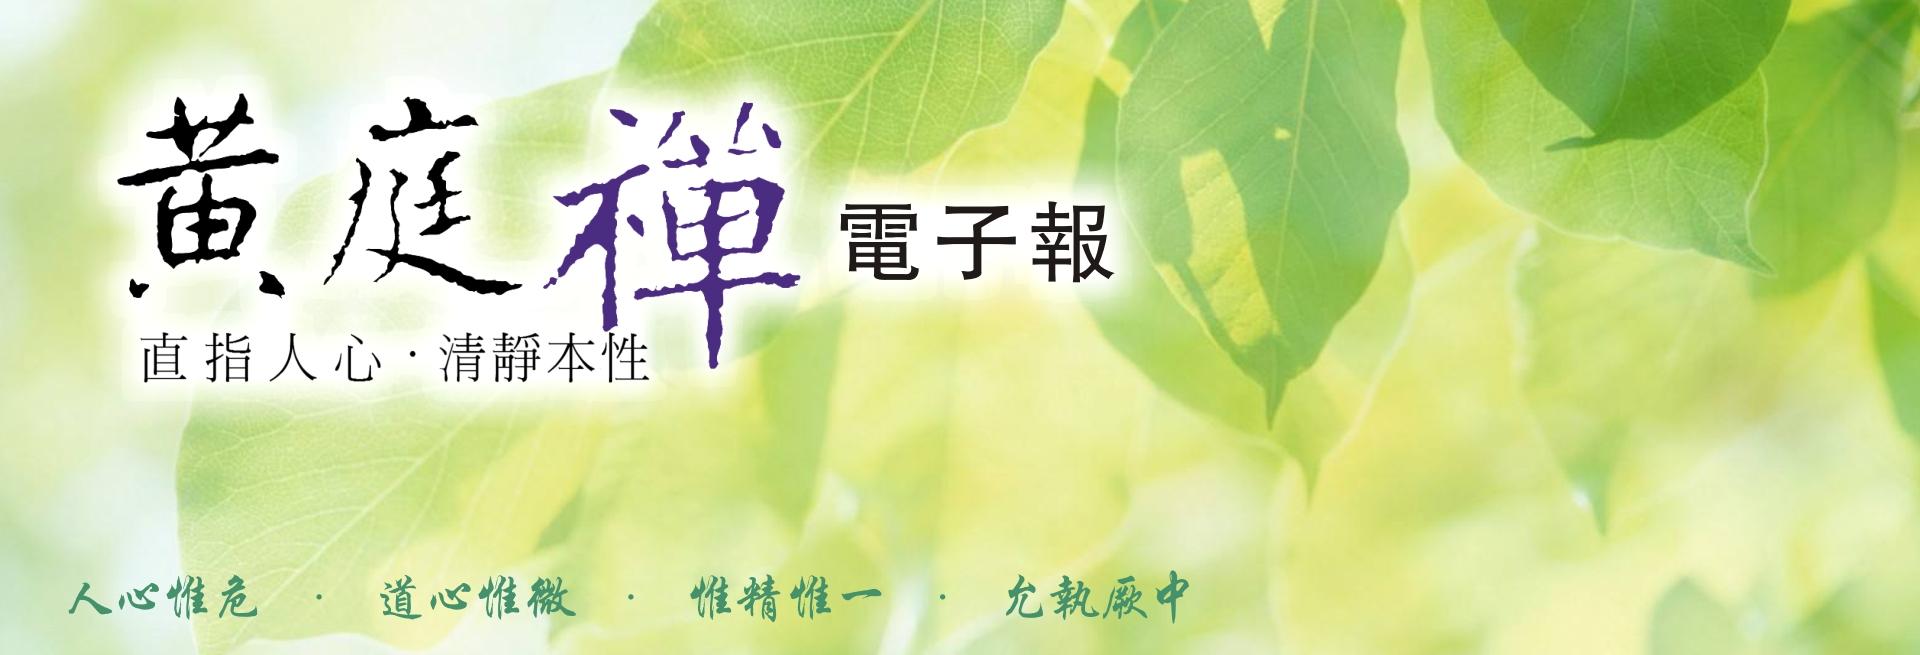 中华黄庭禅学会2019.03.21电子报